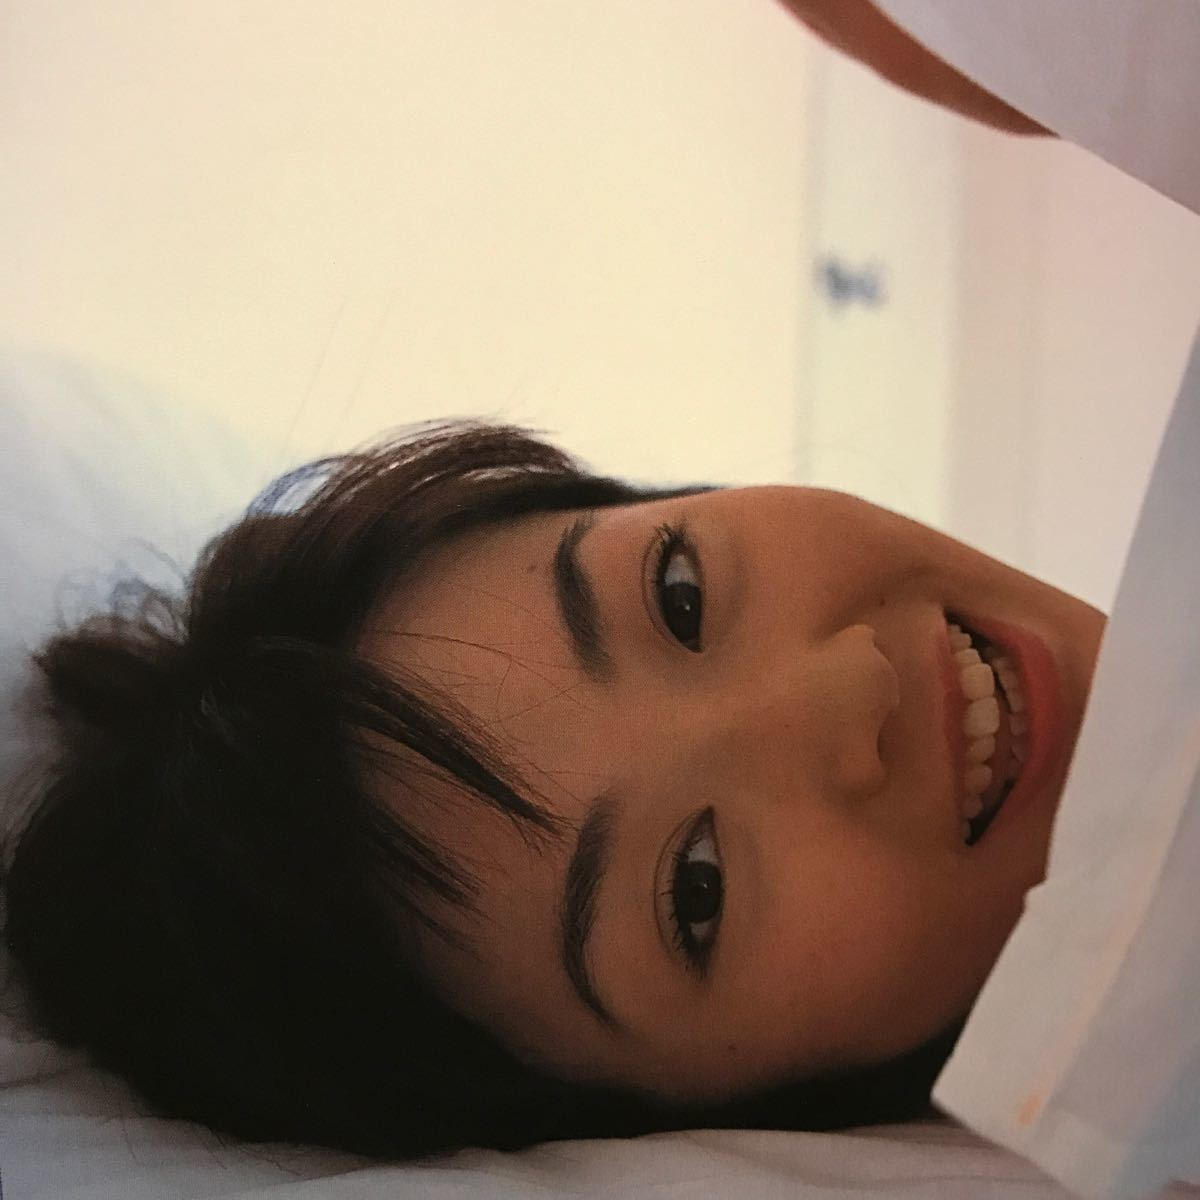 飯窪五月 写真集 アイドル タレント 芸能人 水着 ビキニ 人気美少女